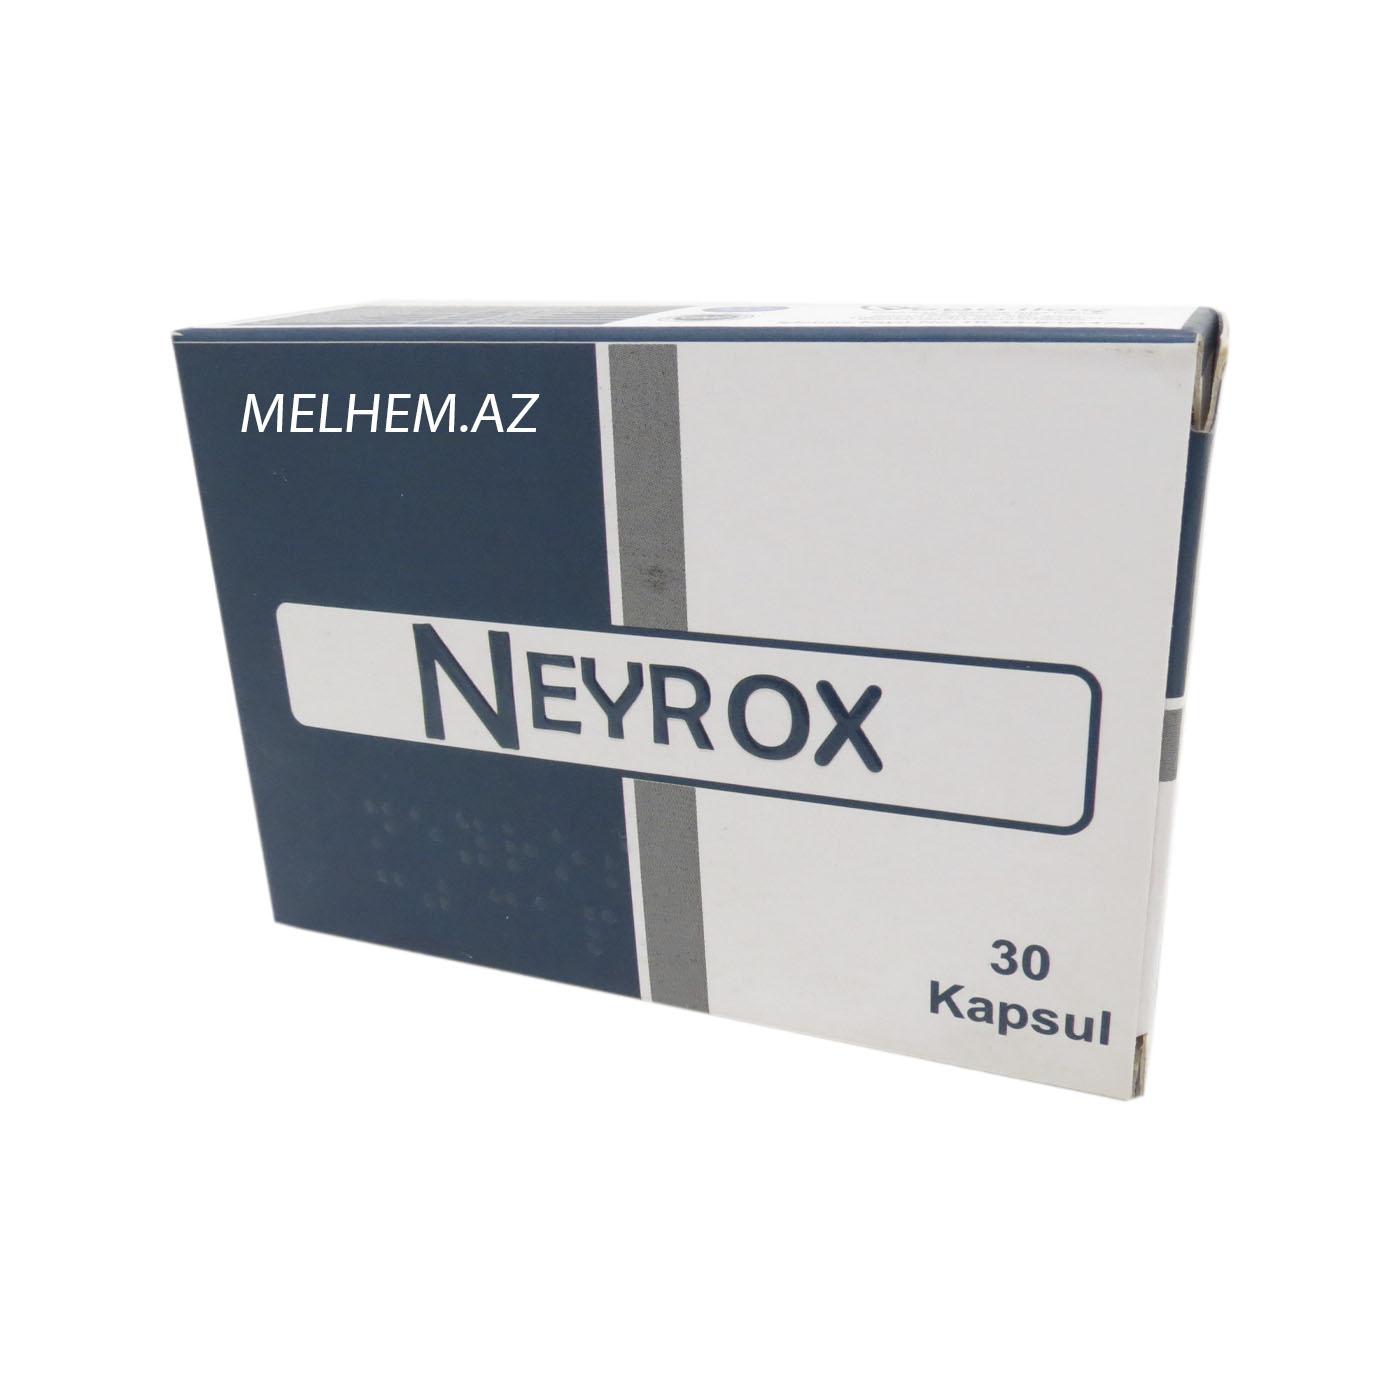 NEYROX N30 (KAPSULA)